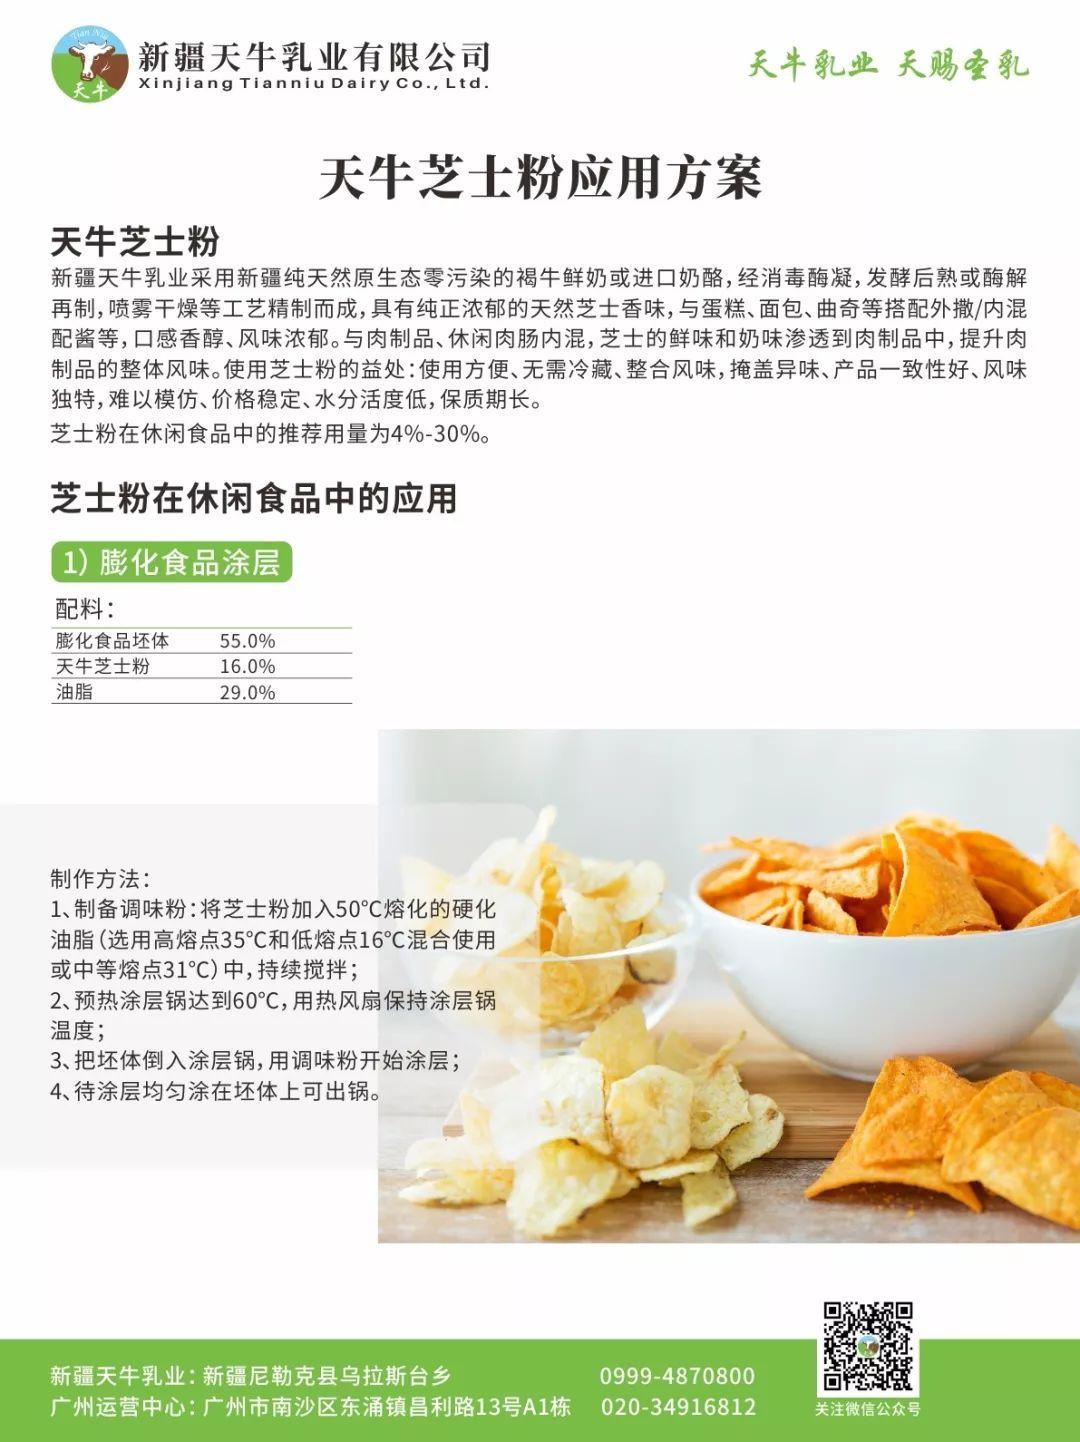 芝士粉应用—休闲食品